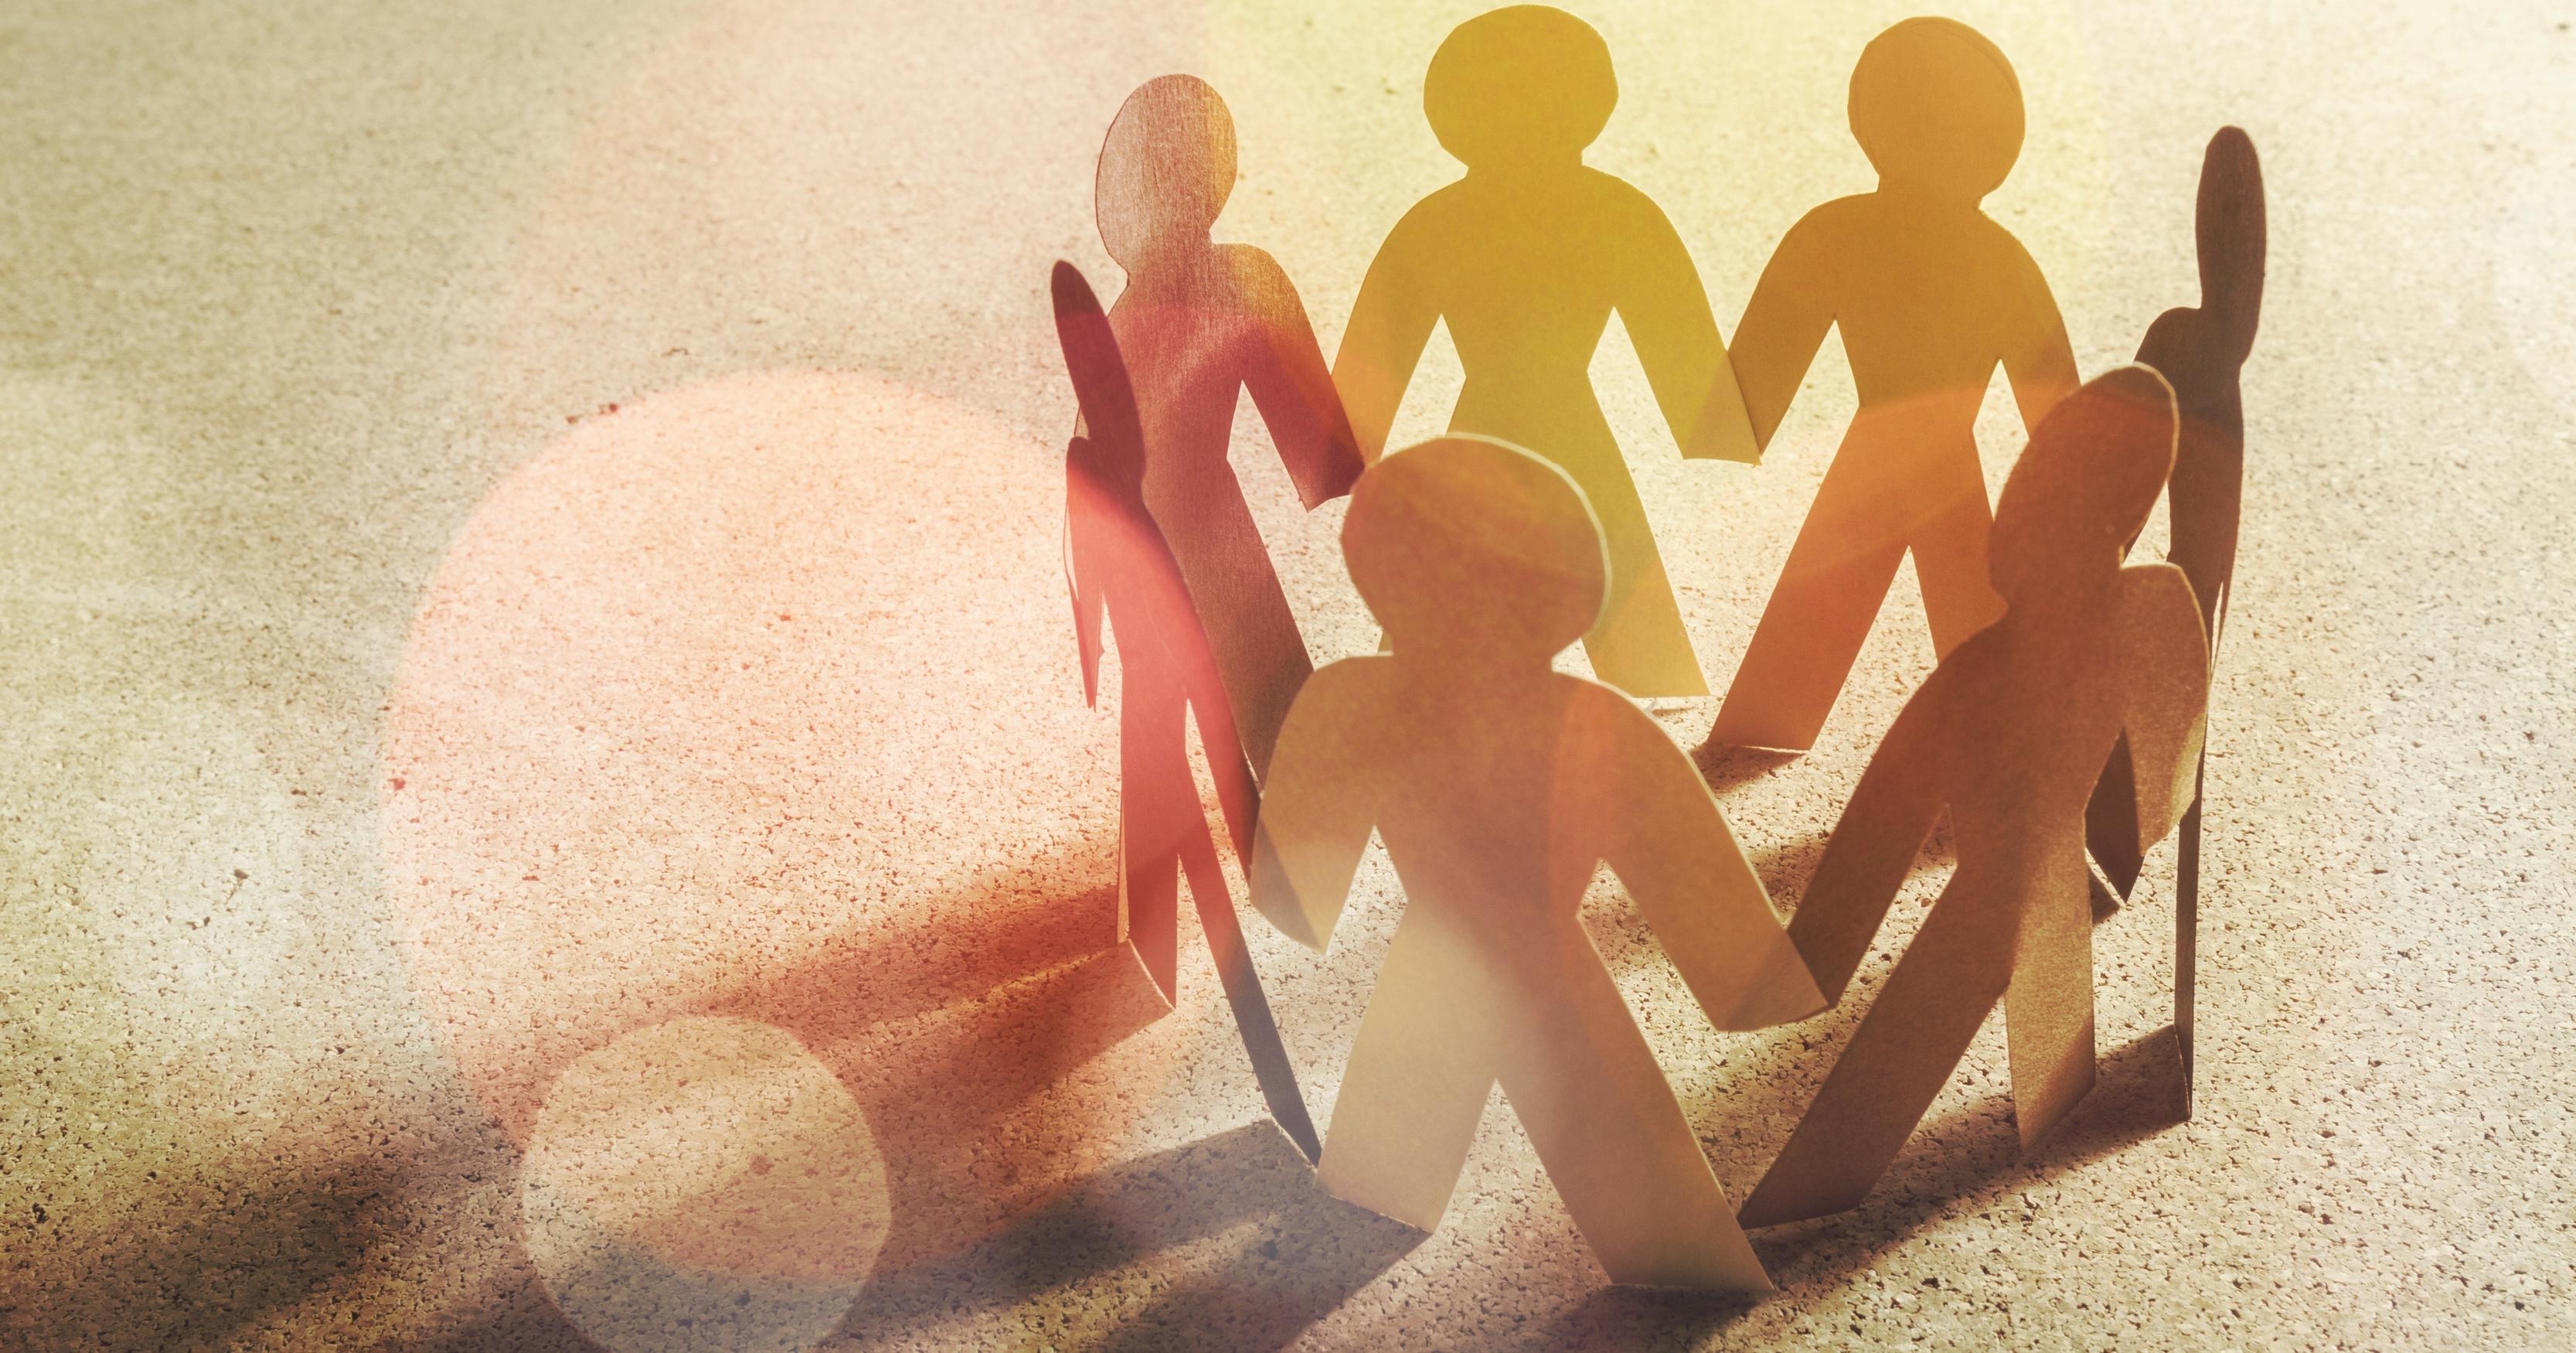 All In One: nuova parola d'ordine in ambito HR